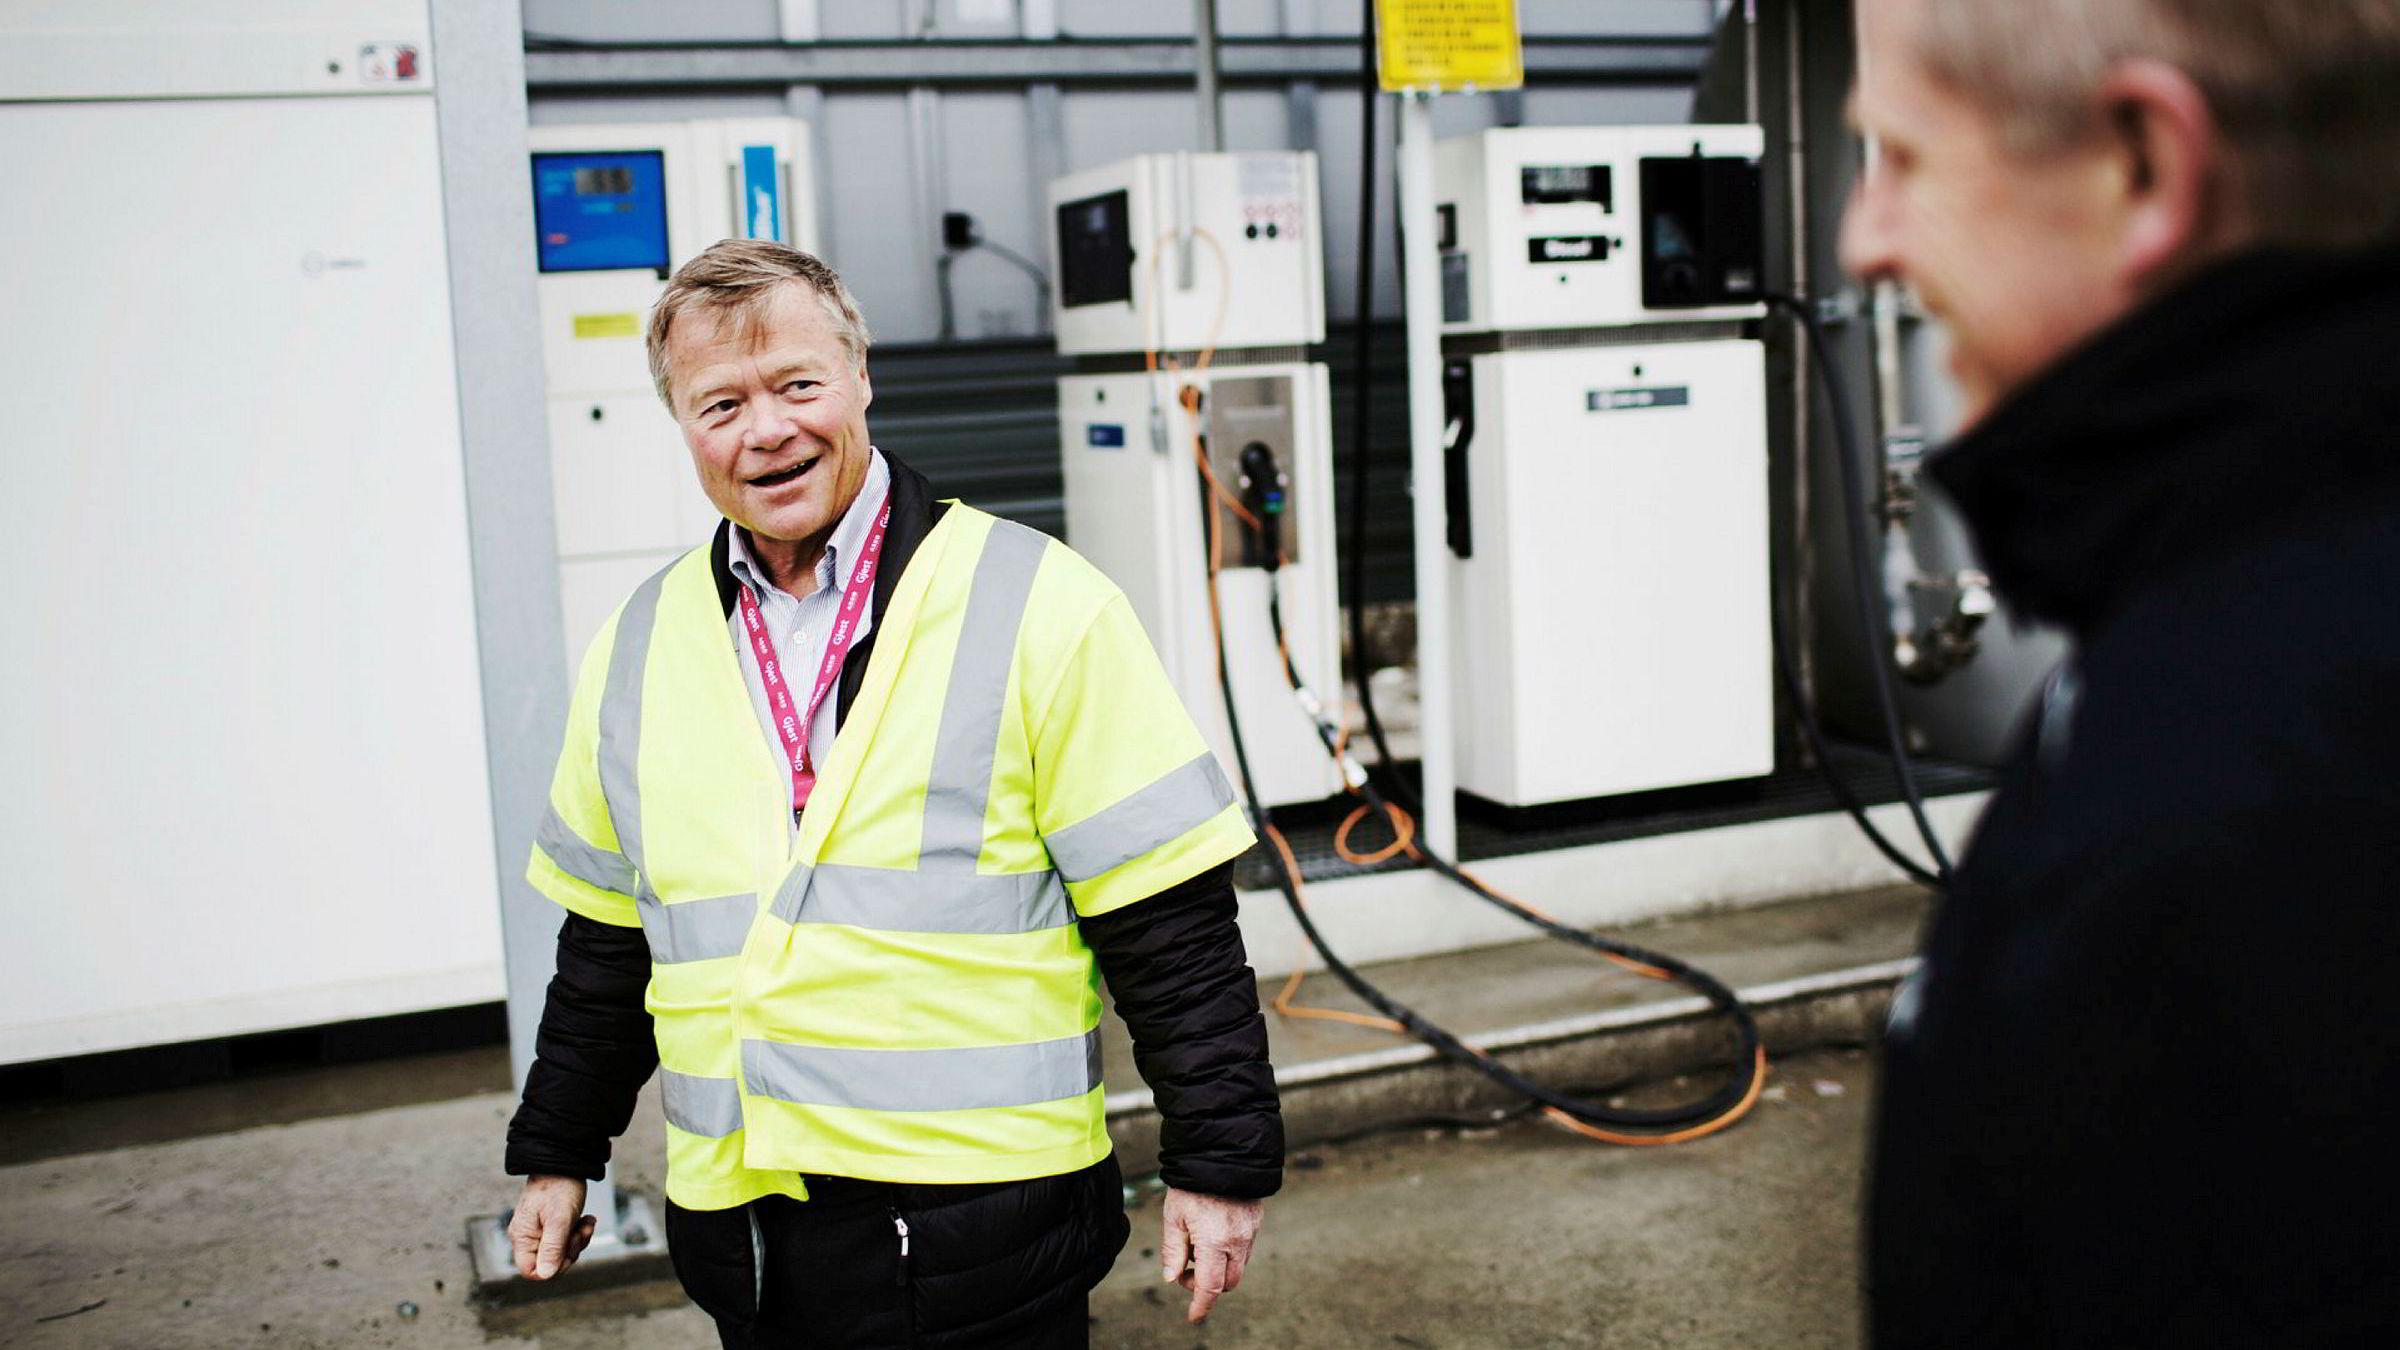 Fortsatt er det bare biodrivstoff i tankene utenfor Askos lager i Trondheim, men allerede neste høst tror Torbjørn Johannson (68) at lastebilene kan kjøre på veiene med egenprodusert hydrogen produsert basert på energi fra solcellepanel på taket. Her sammen med Jørn Arvid Endresen direktør i ASKO Midt-Norge.